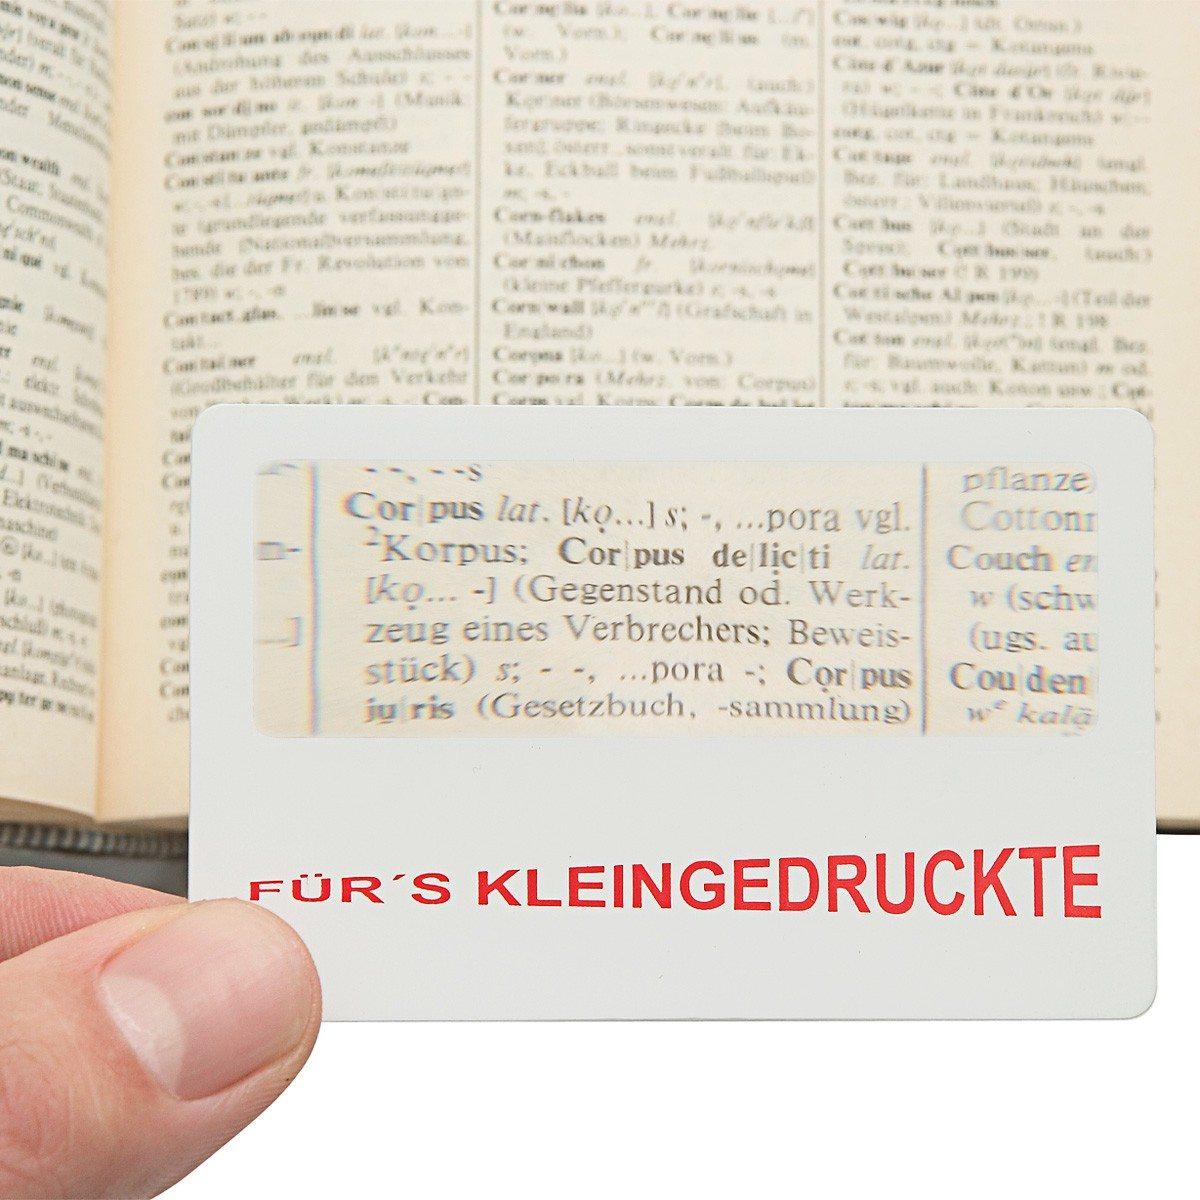 Fürs Kleingedruckte - Scheckkarten-Lupe